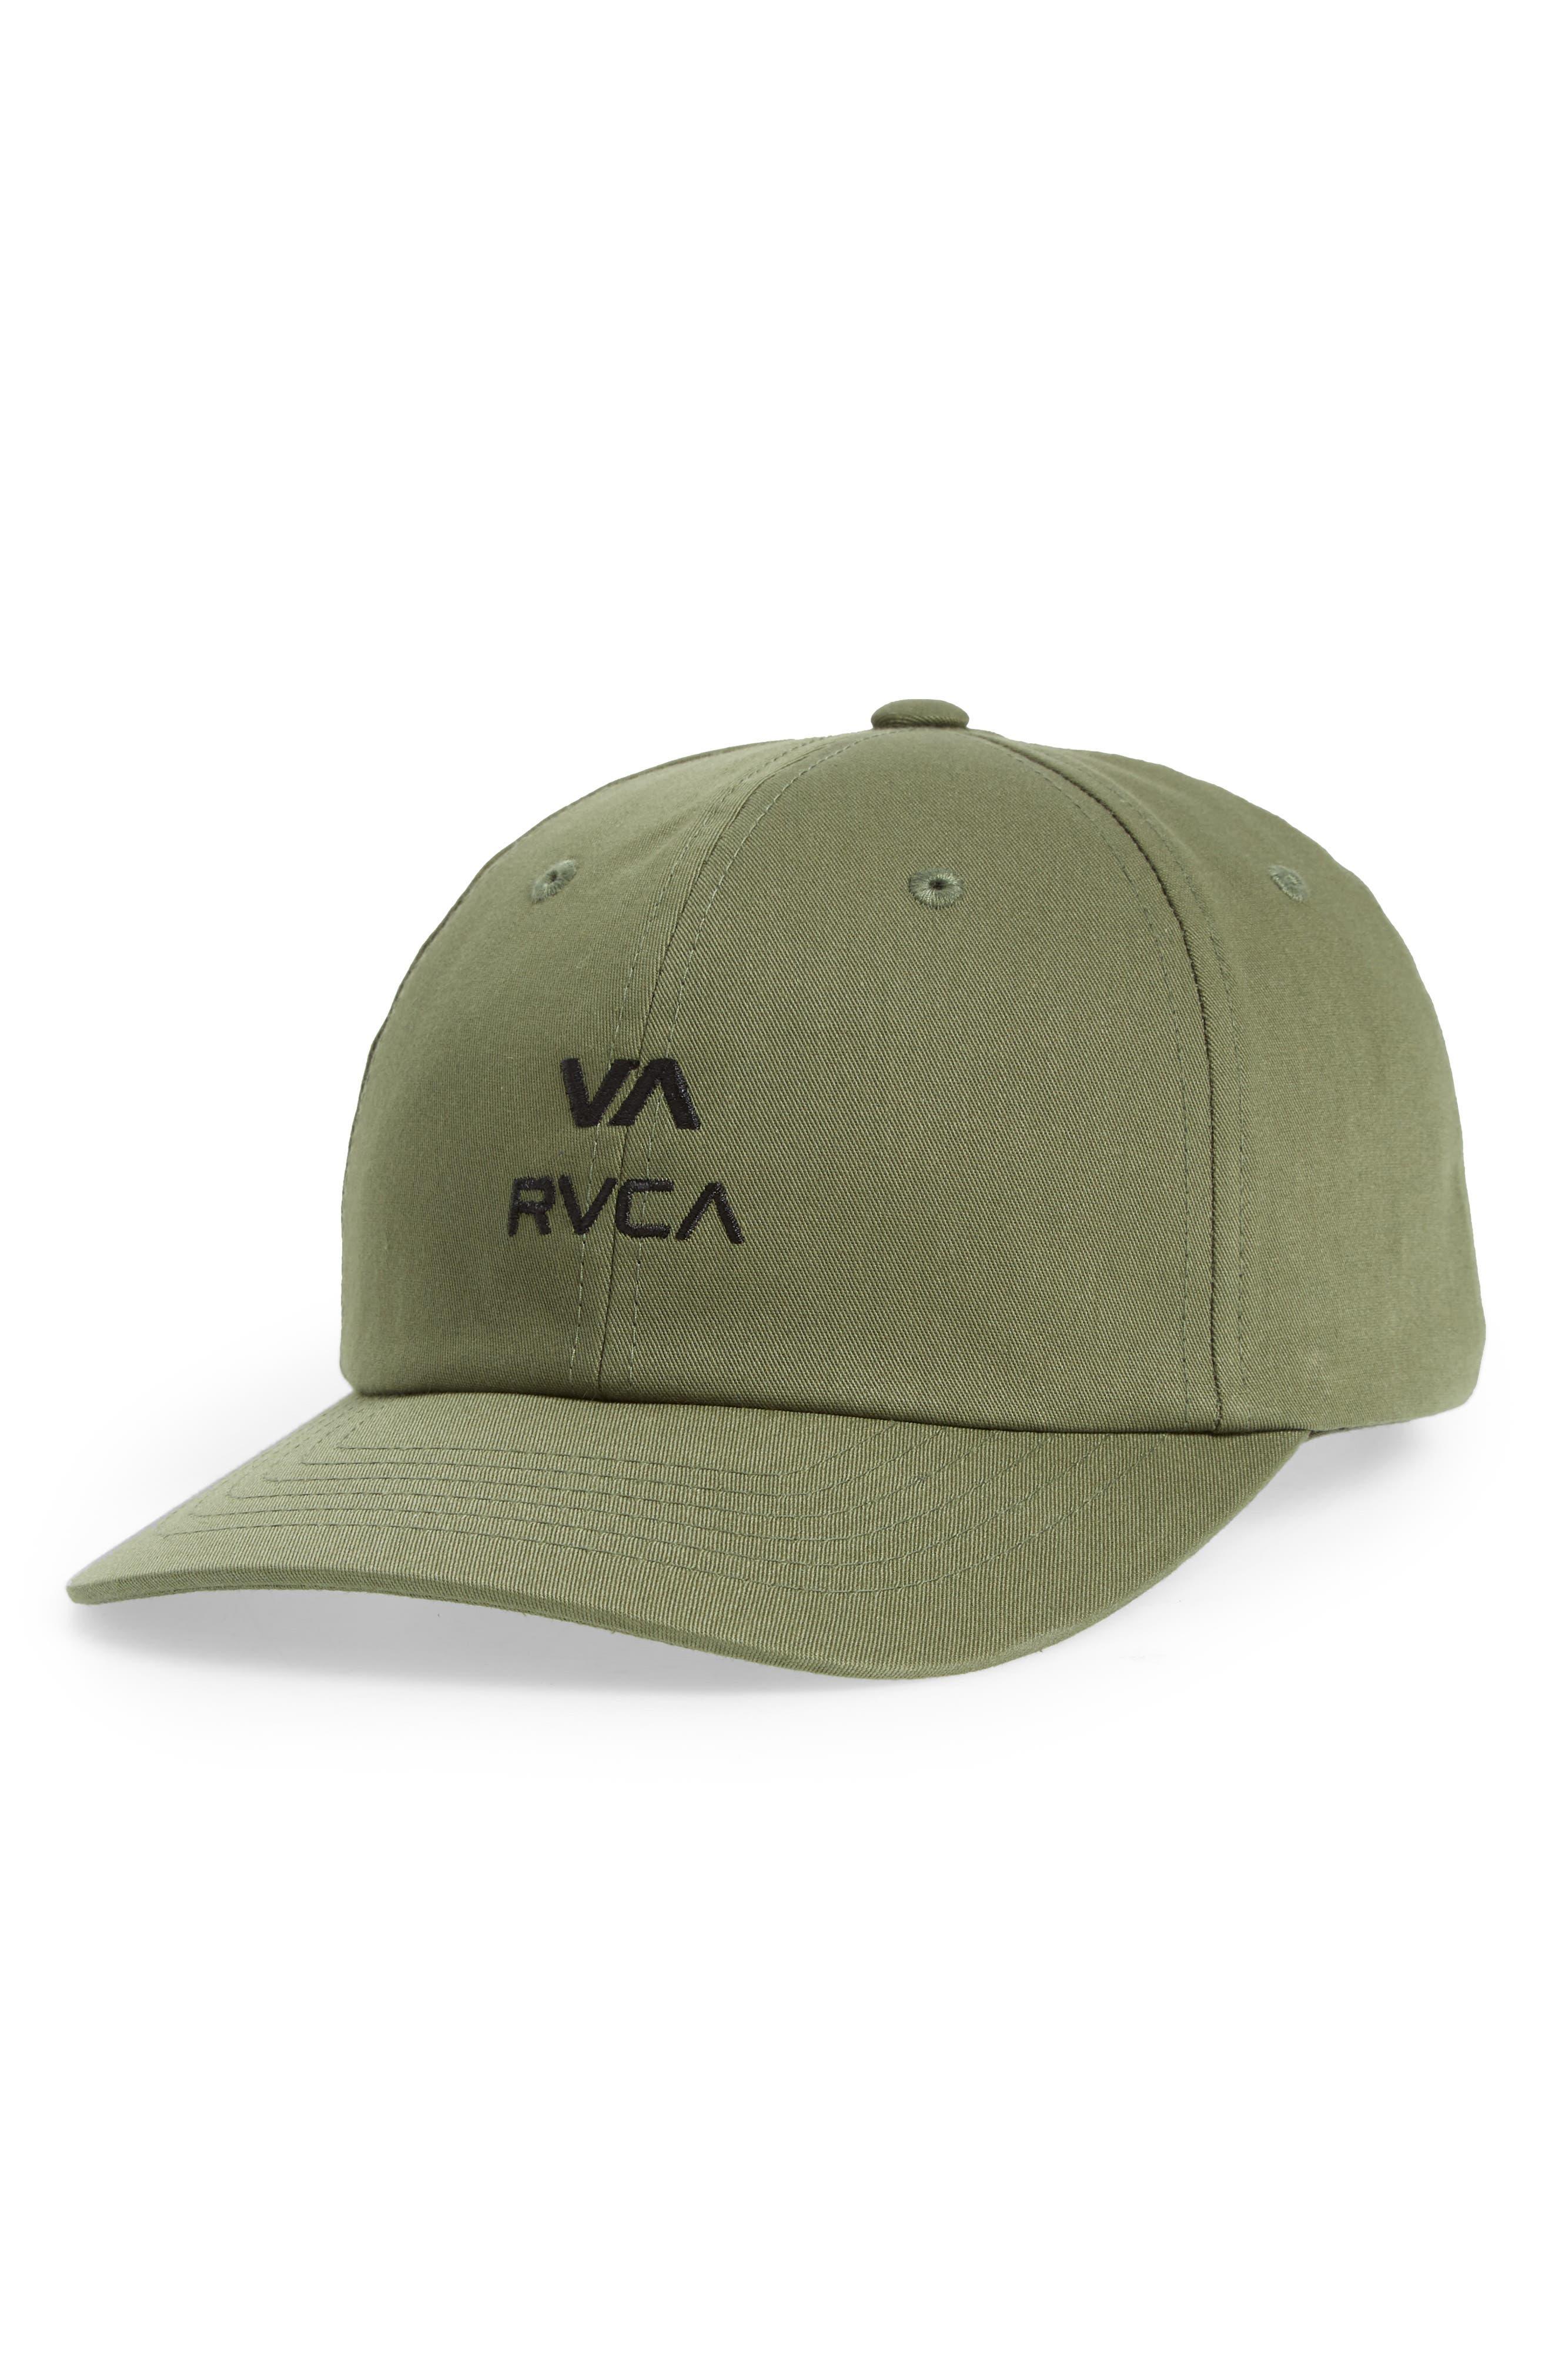 RVCA Santiago Embroidered Ball Cap